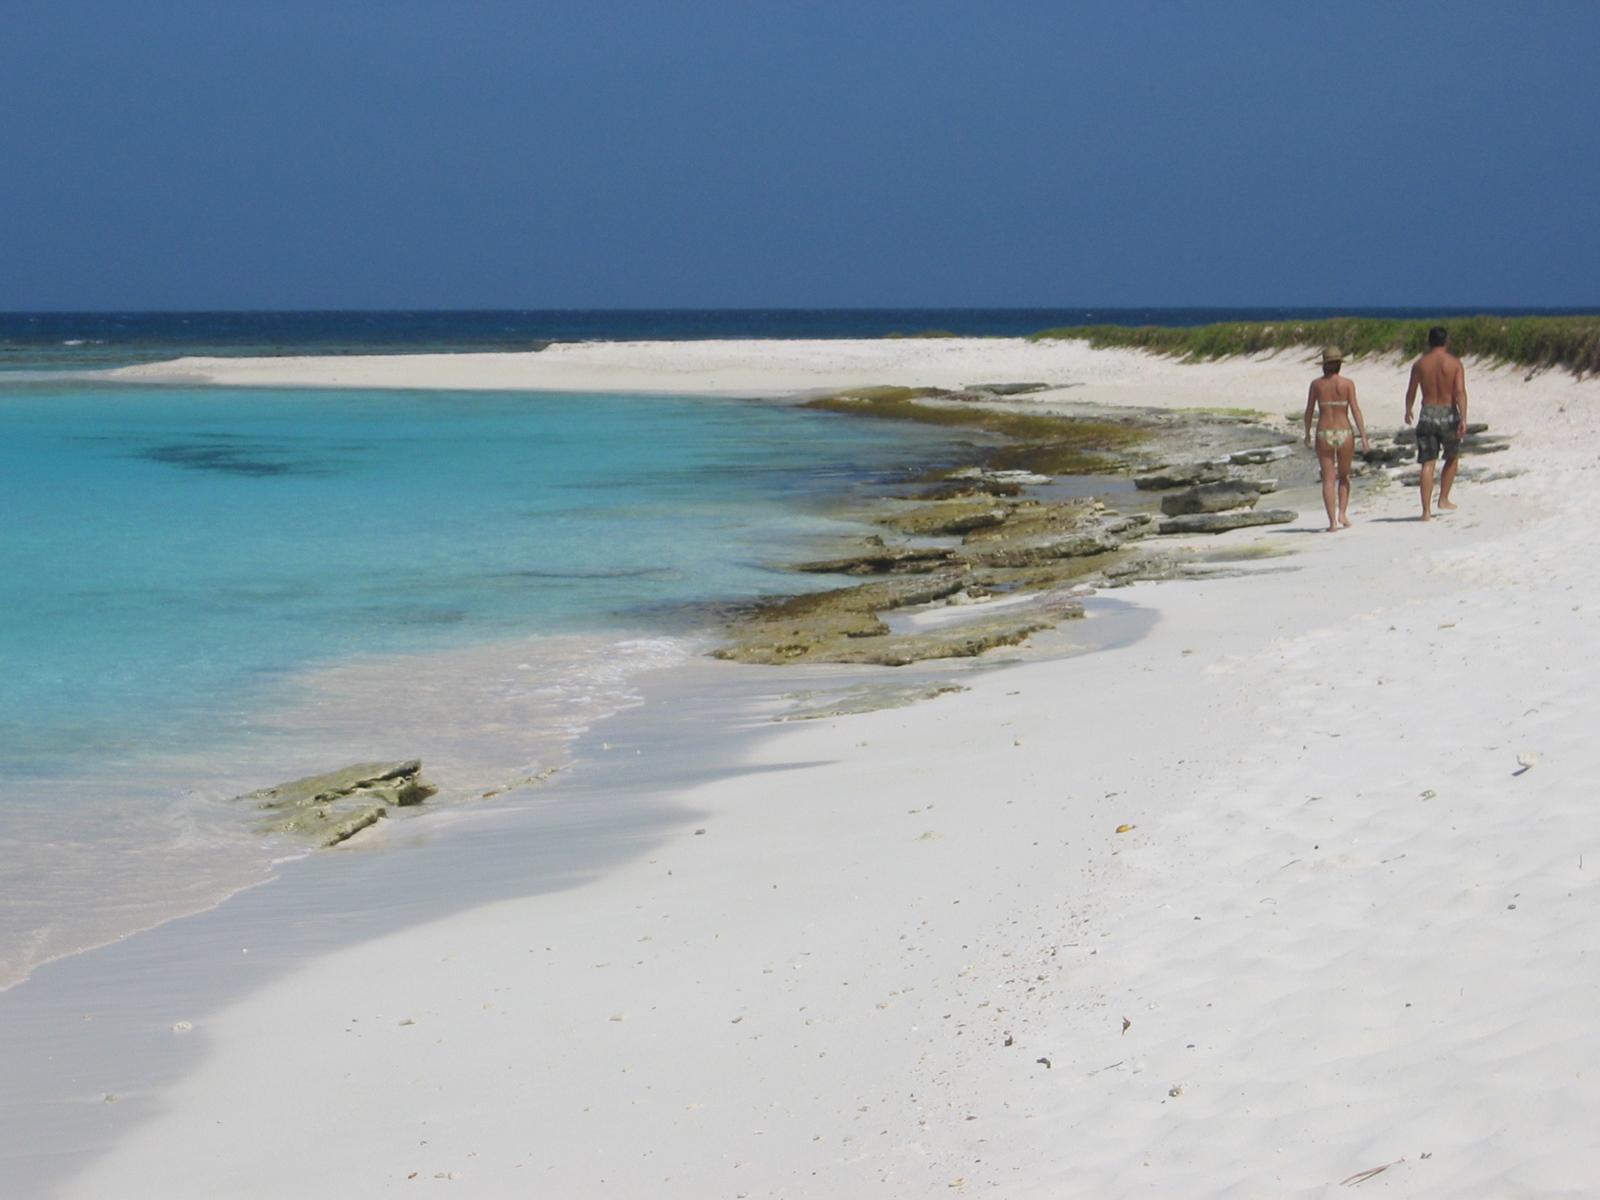 11. Playa de Los Roques, en el archipiélago venezolano del mismo nombre. Autor, SFC9394